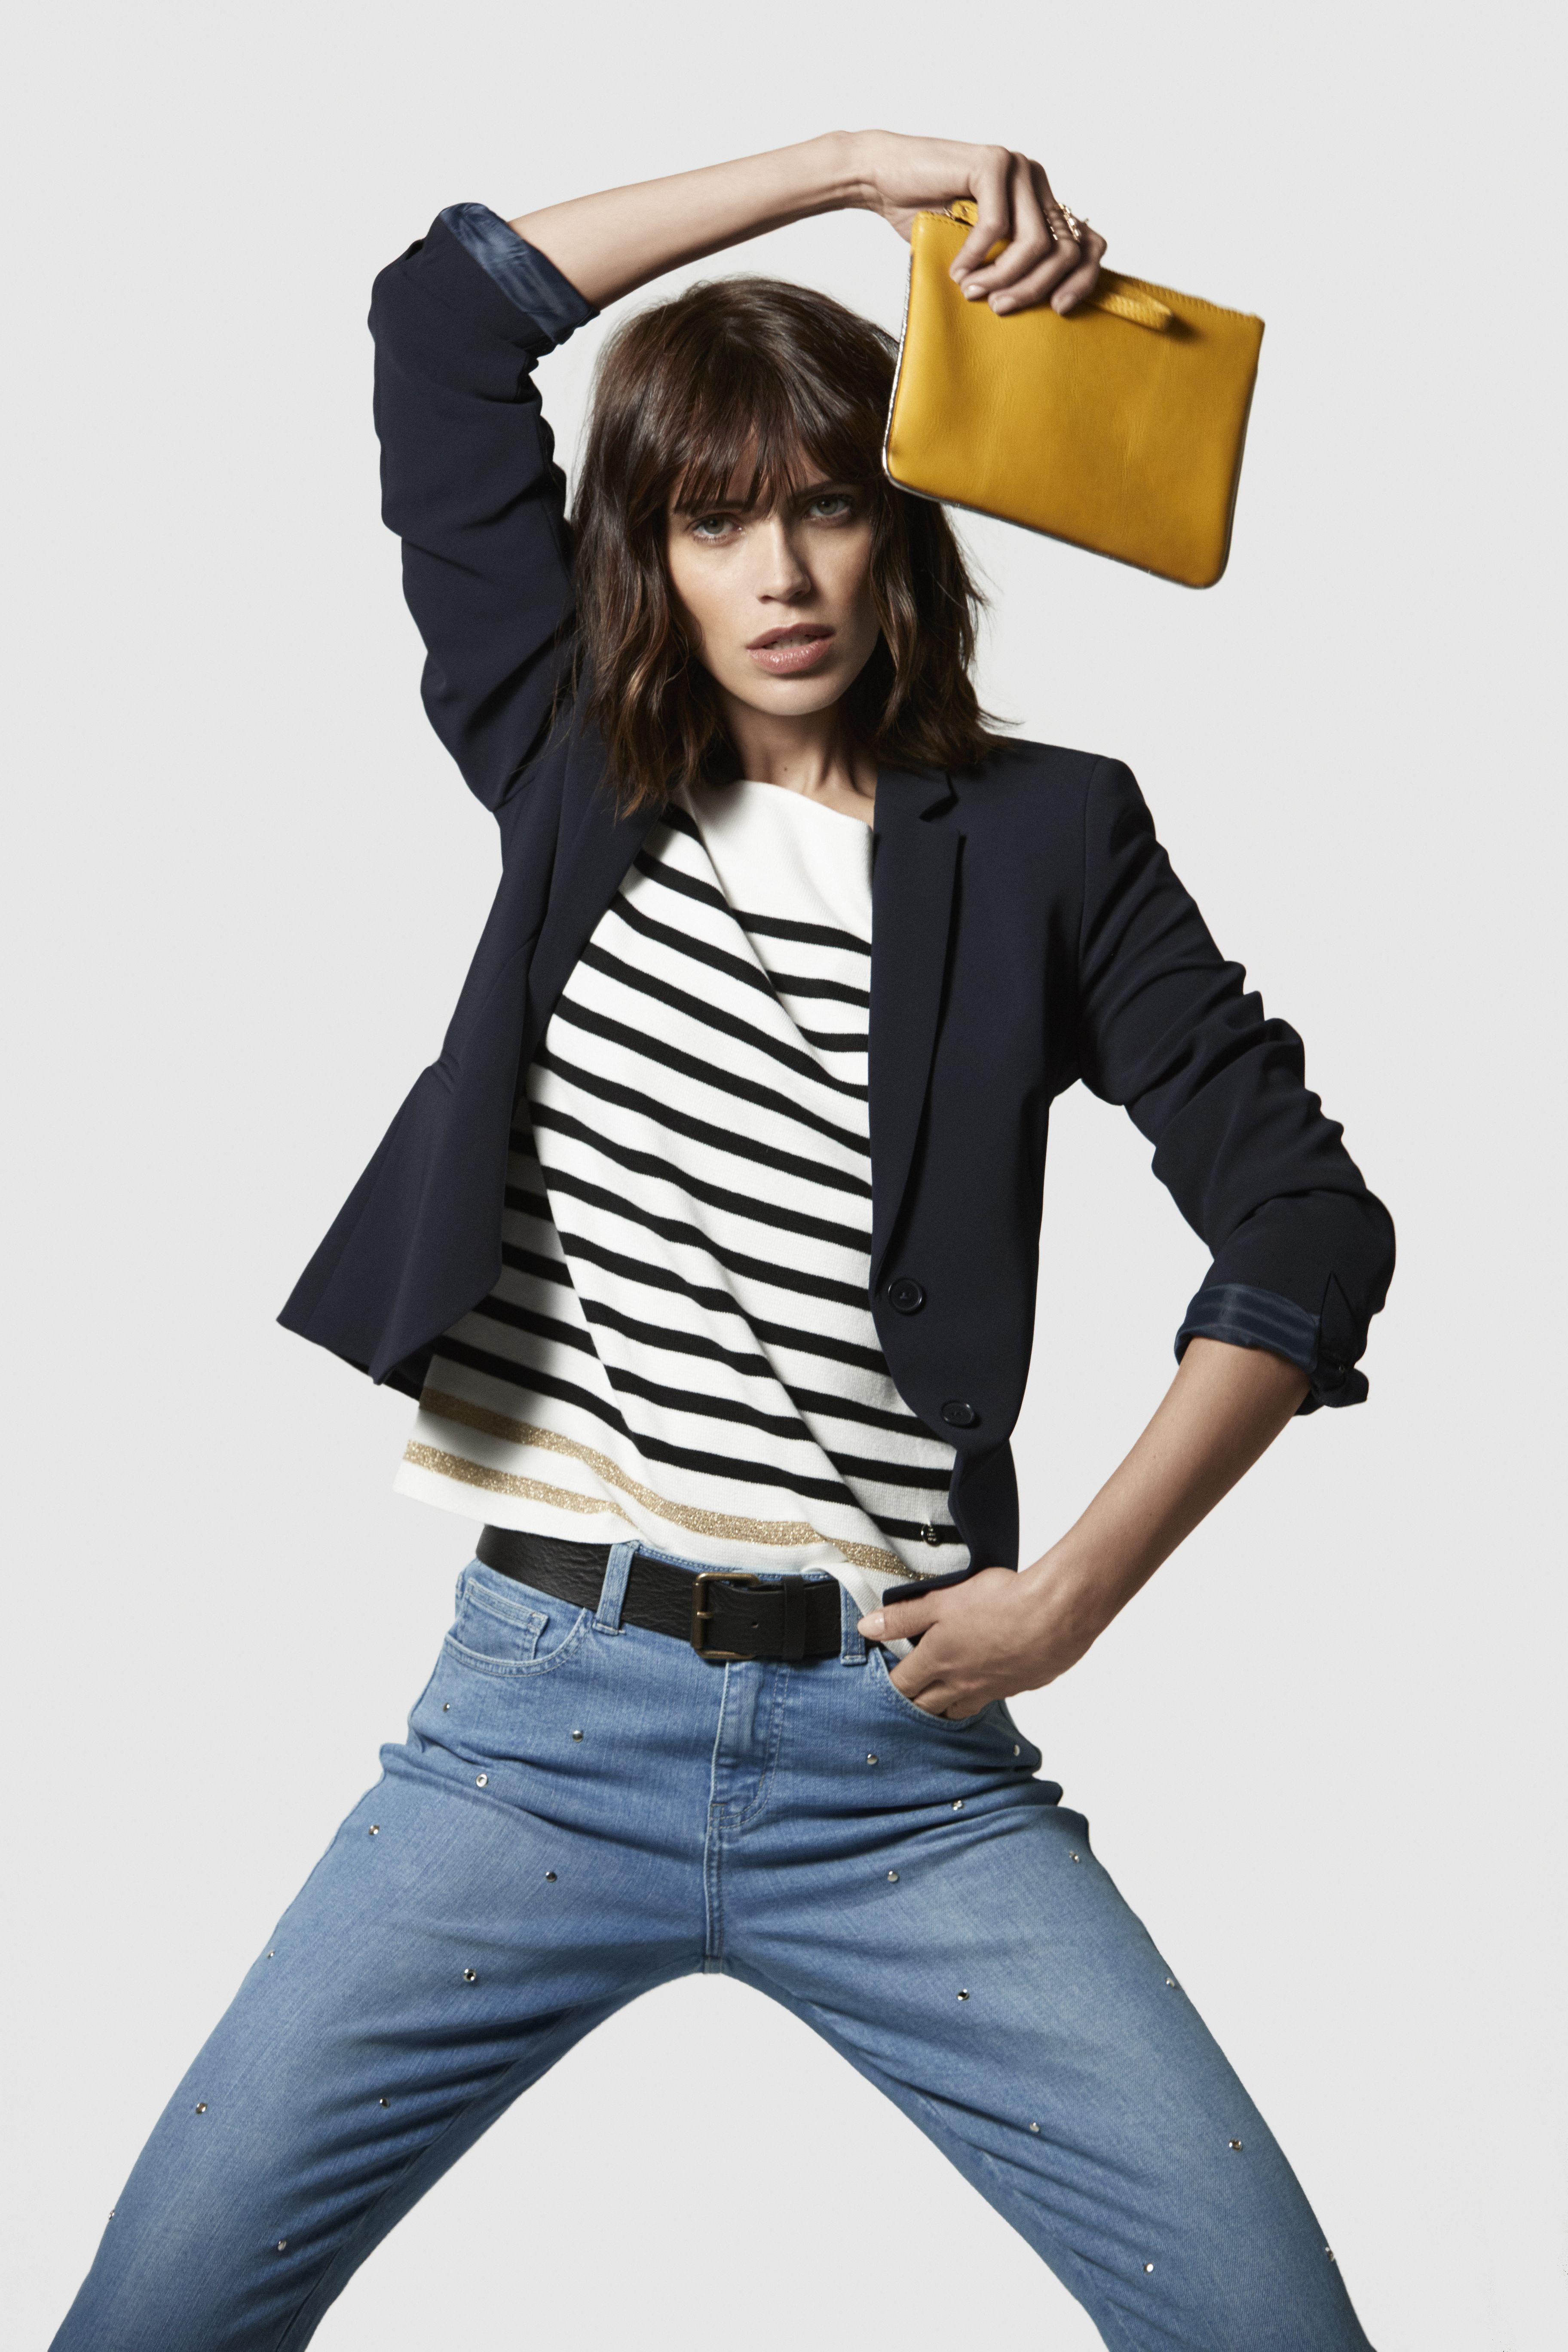 f193213d20 1.2.3 Paris - Collection printemps-été 2018 - Veste EVE - Pull NAUTIQUE -  Jean VENDOME - Ceinture ROY - Pochette DROOPY #123paris #mode #fashion  #shopping ...